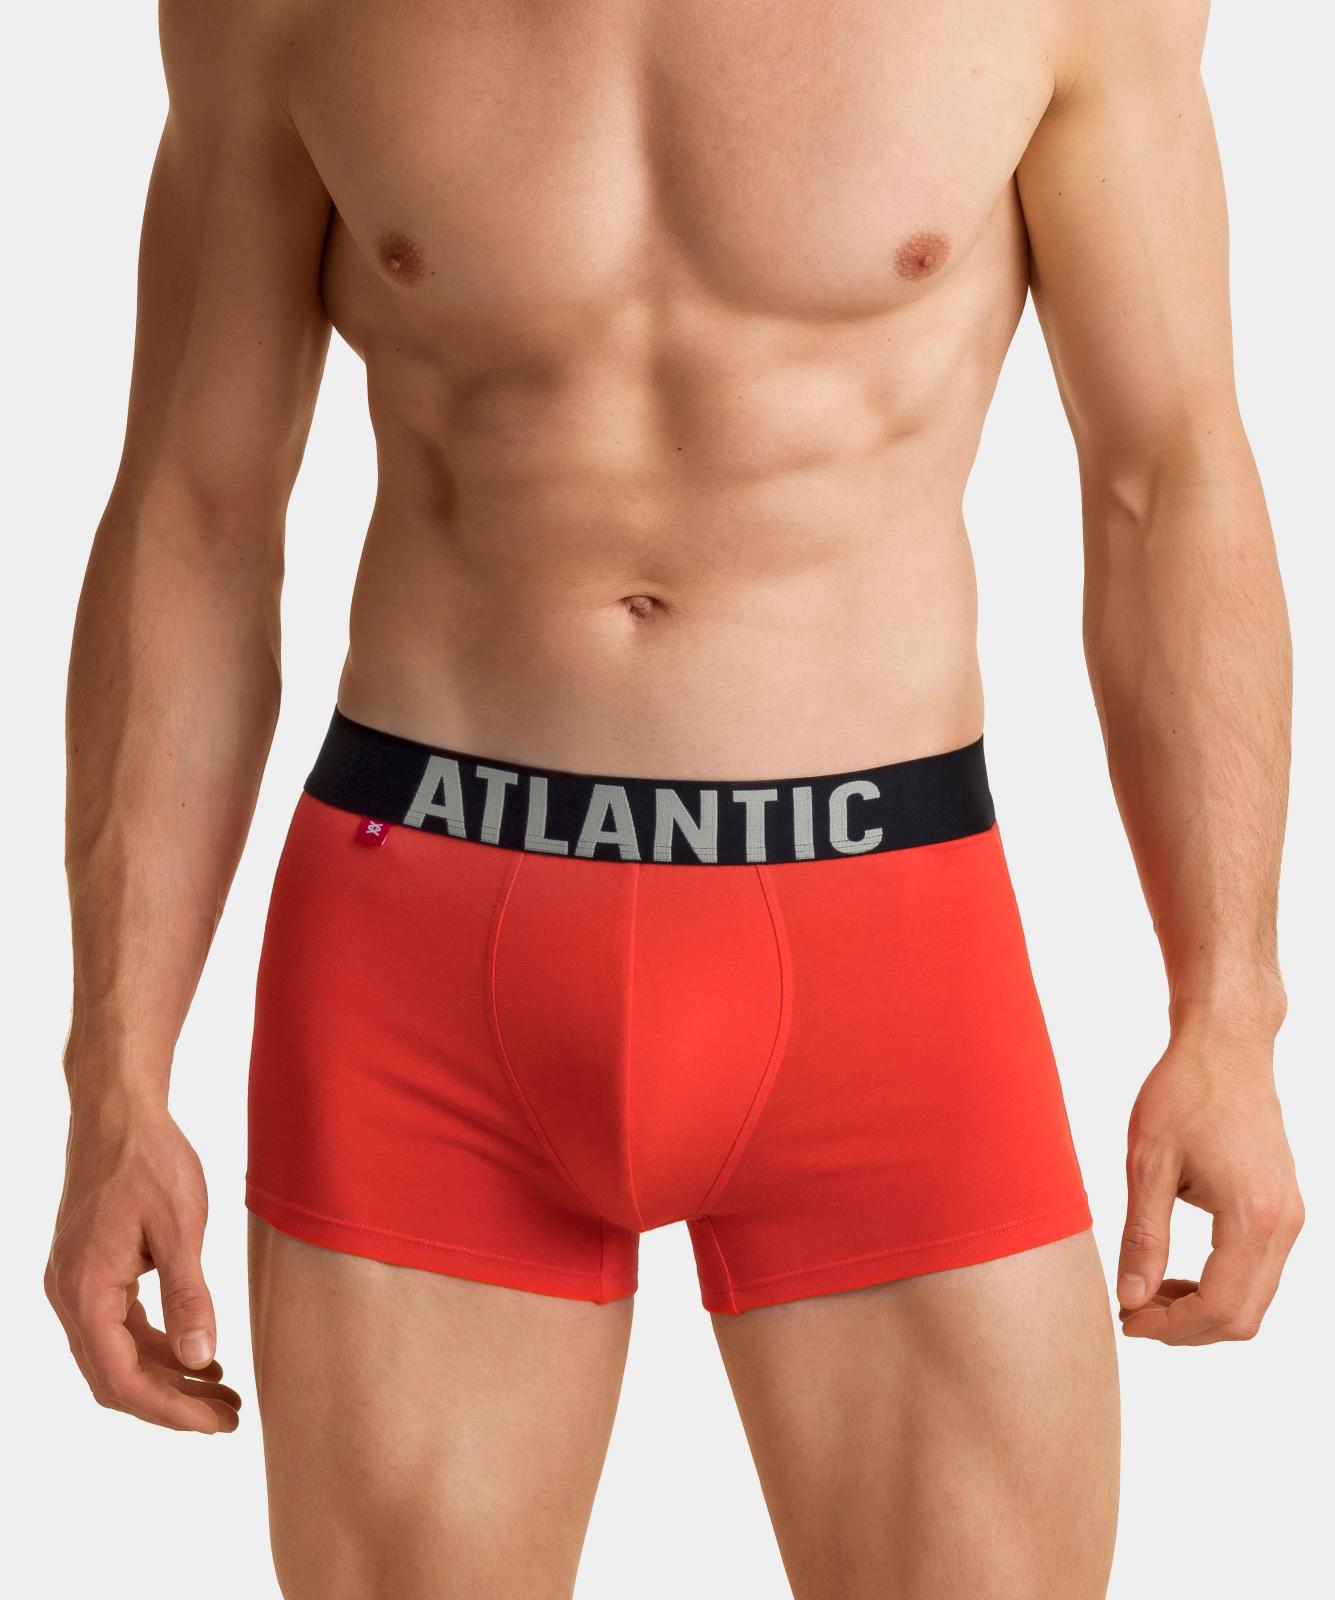 Мужские трусы шорты Atlantic, набор из 3 шт., хлопок, хаки + серый меланж + оранжевые, 3SMH-003